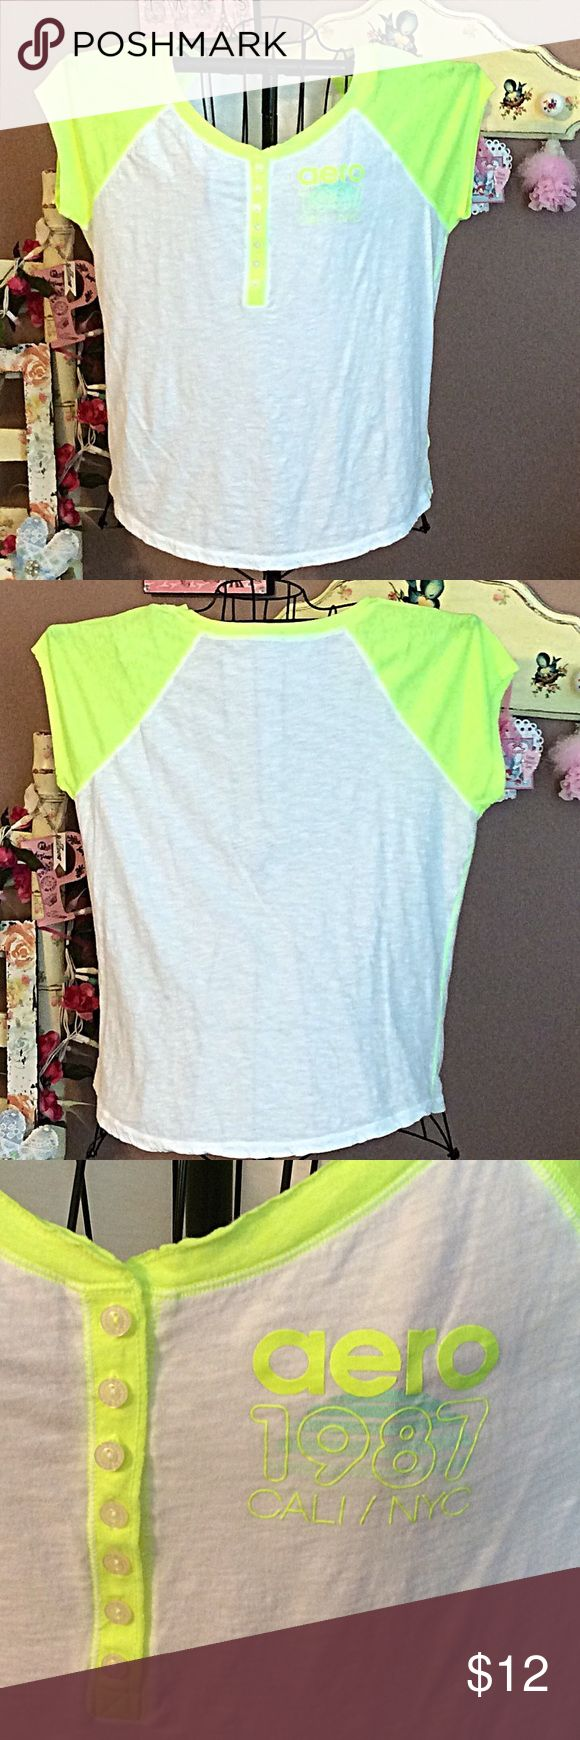 Aero Henley tee NWOT 👚👚 Aeropostale neon yellow and white Henley tee NWOT Aeropostale Tops Tees - Short Sleeve